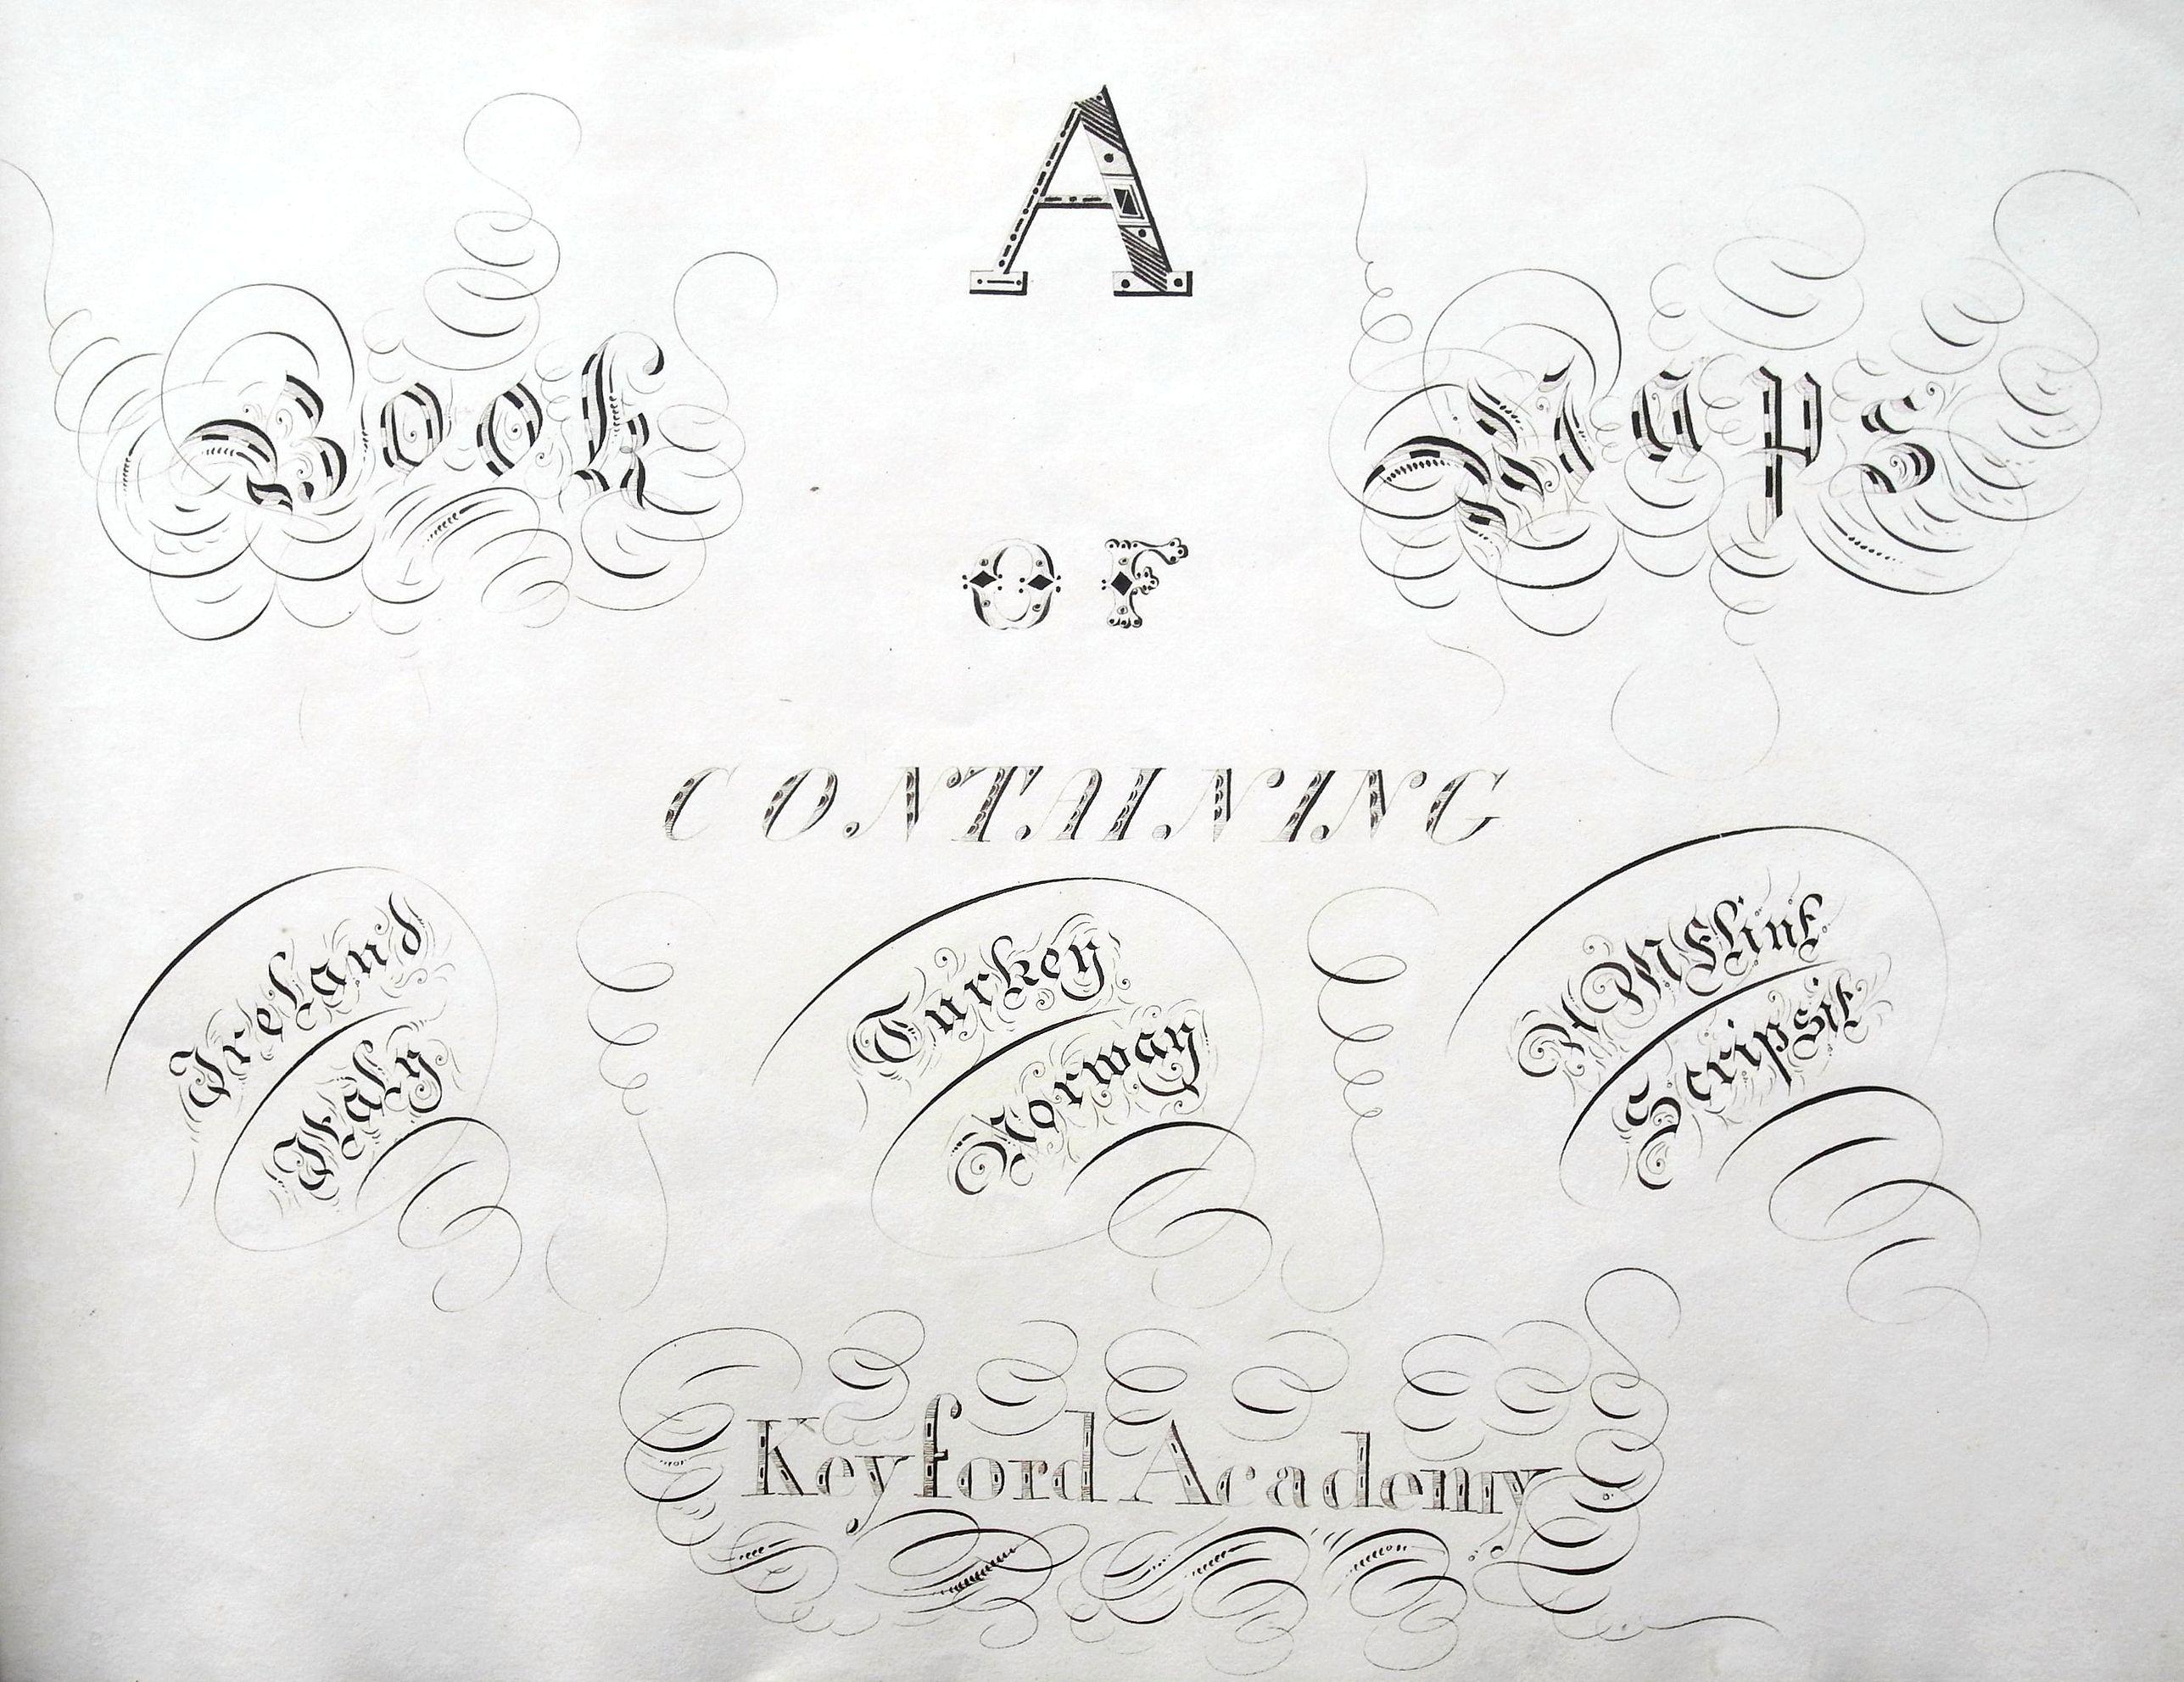 FLINT, A. - A book of maps (manuscript atlas).